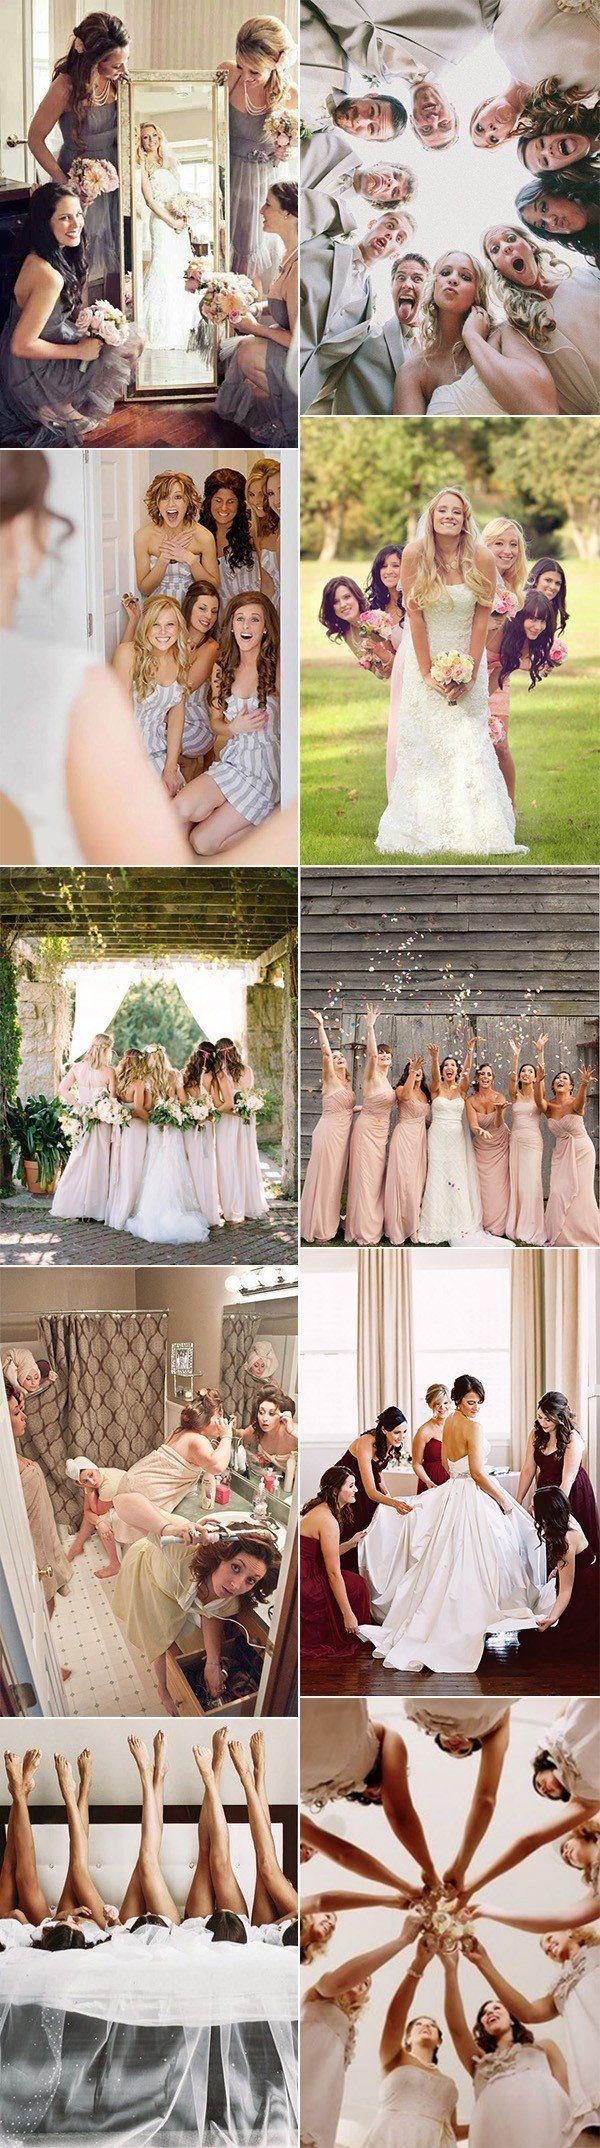 Idées créatives de photo de mariage avec les demoiselles d'honneur: vous garderez toujours la photo … – Idées de mariage